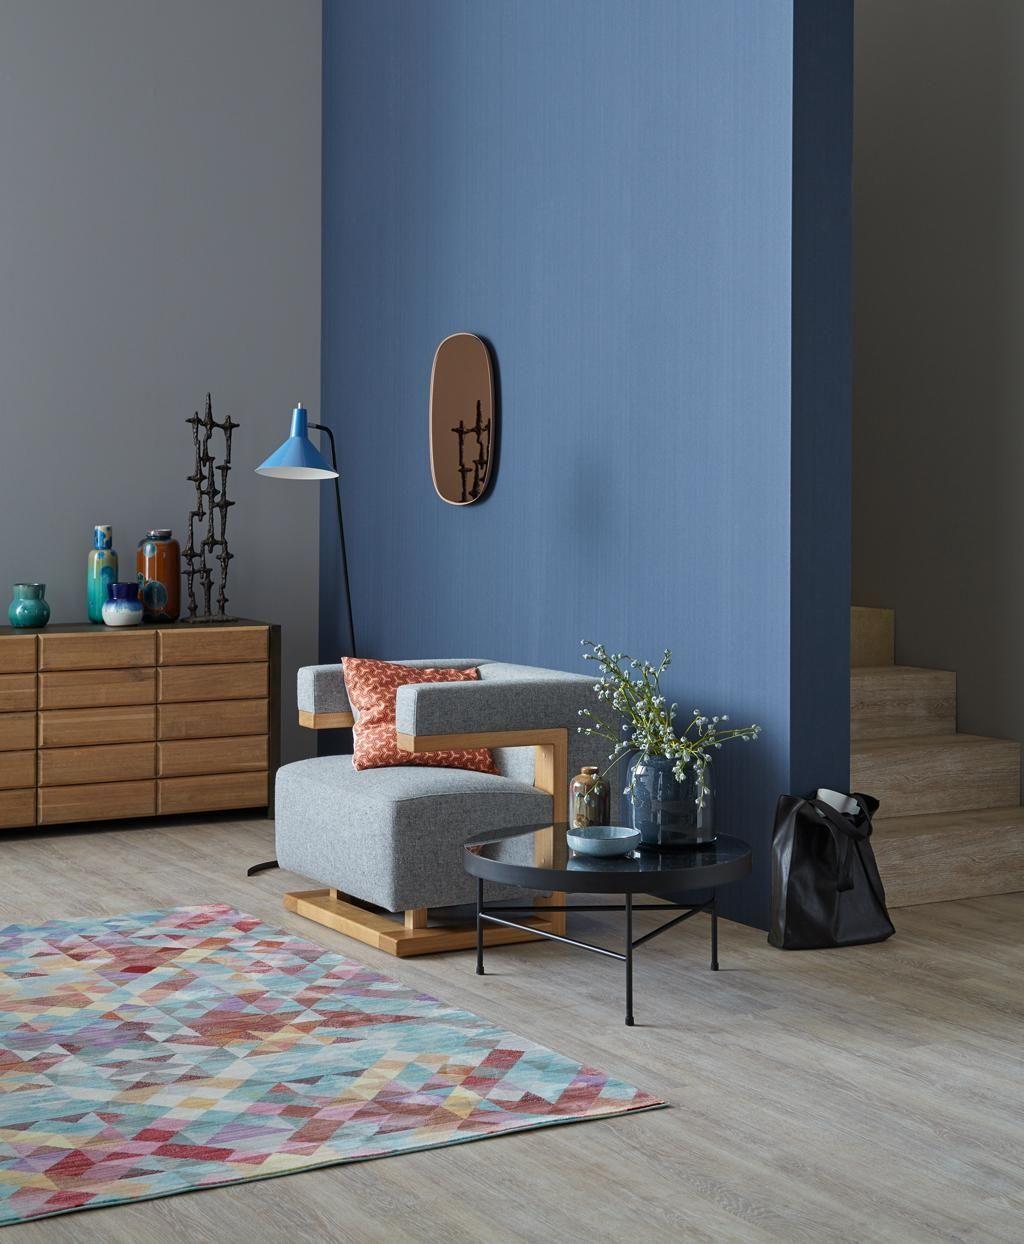 Sehnsucht Nach Sinnlichkeit Im Wohnzimmer Wandfarbe Schoner Wohnen Tapeten Haus Deko Und Schoner Wohnen